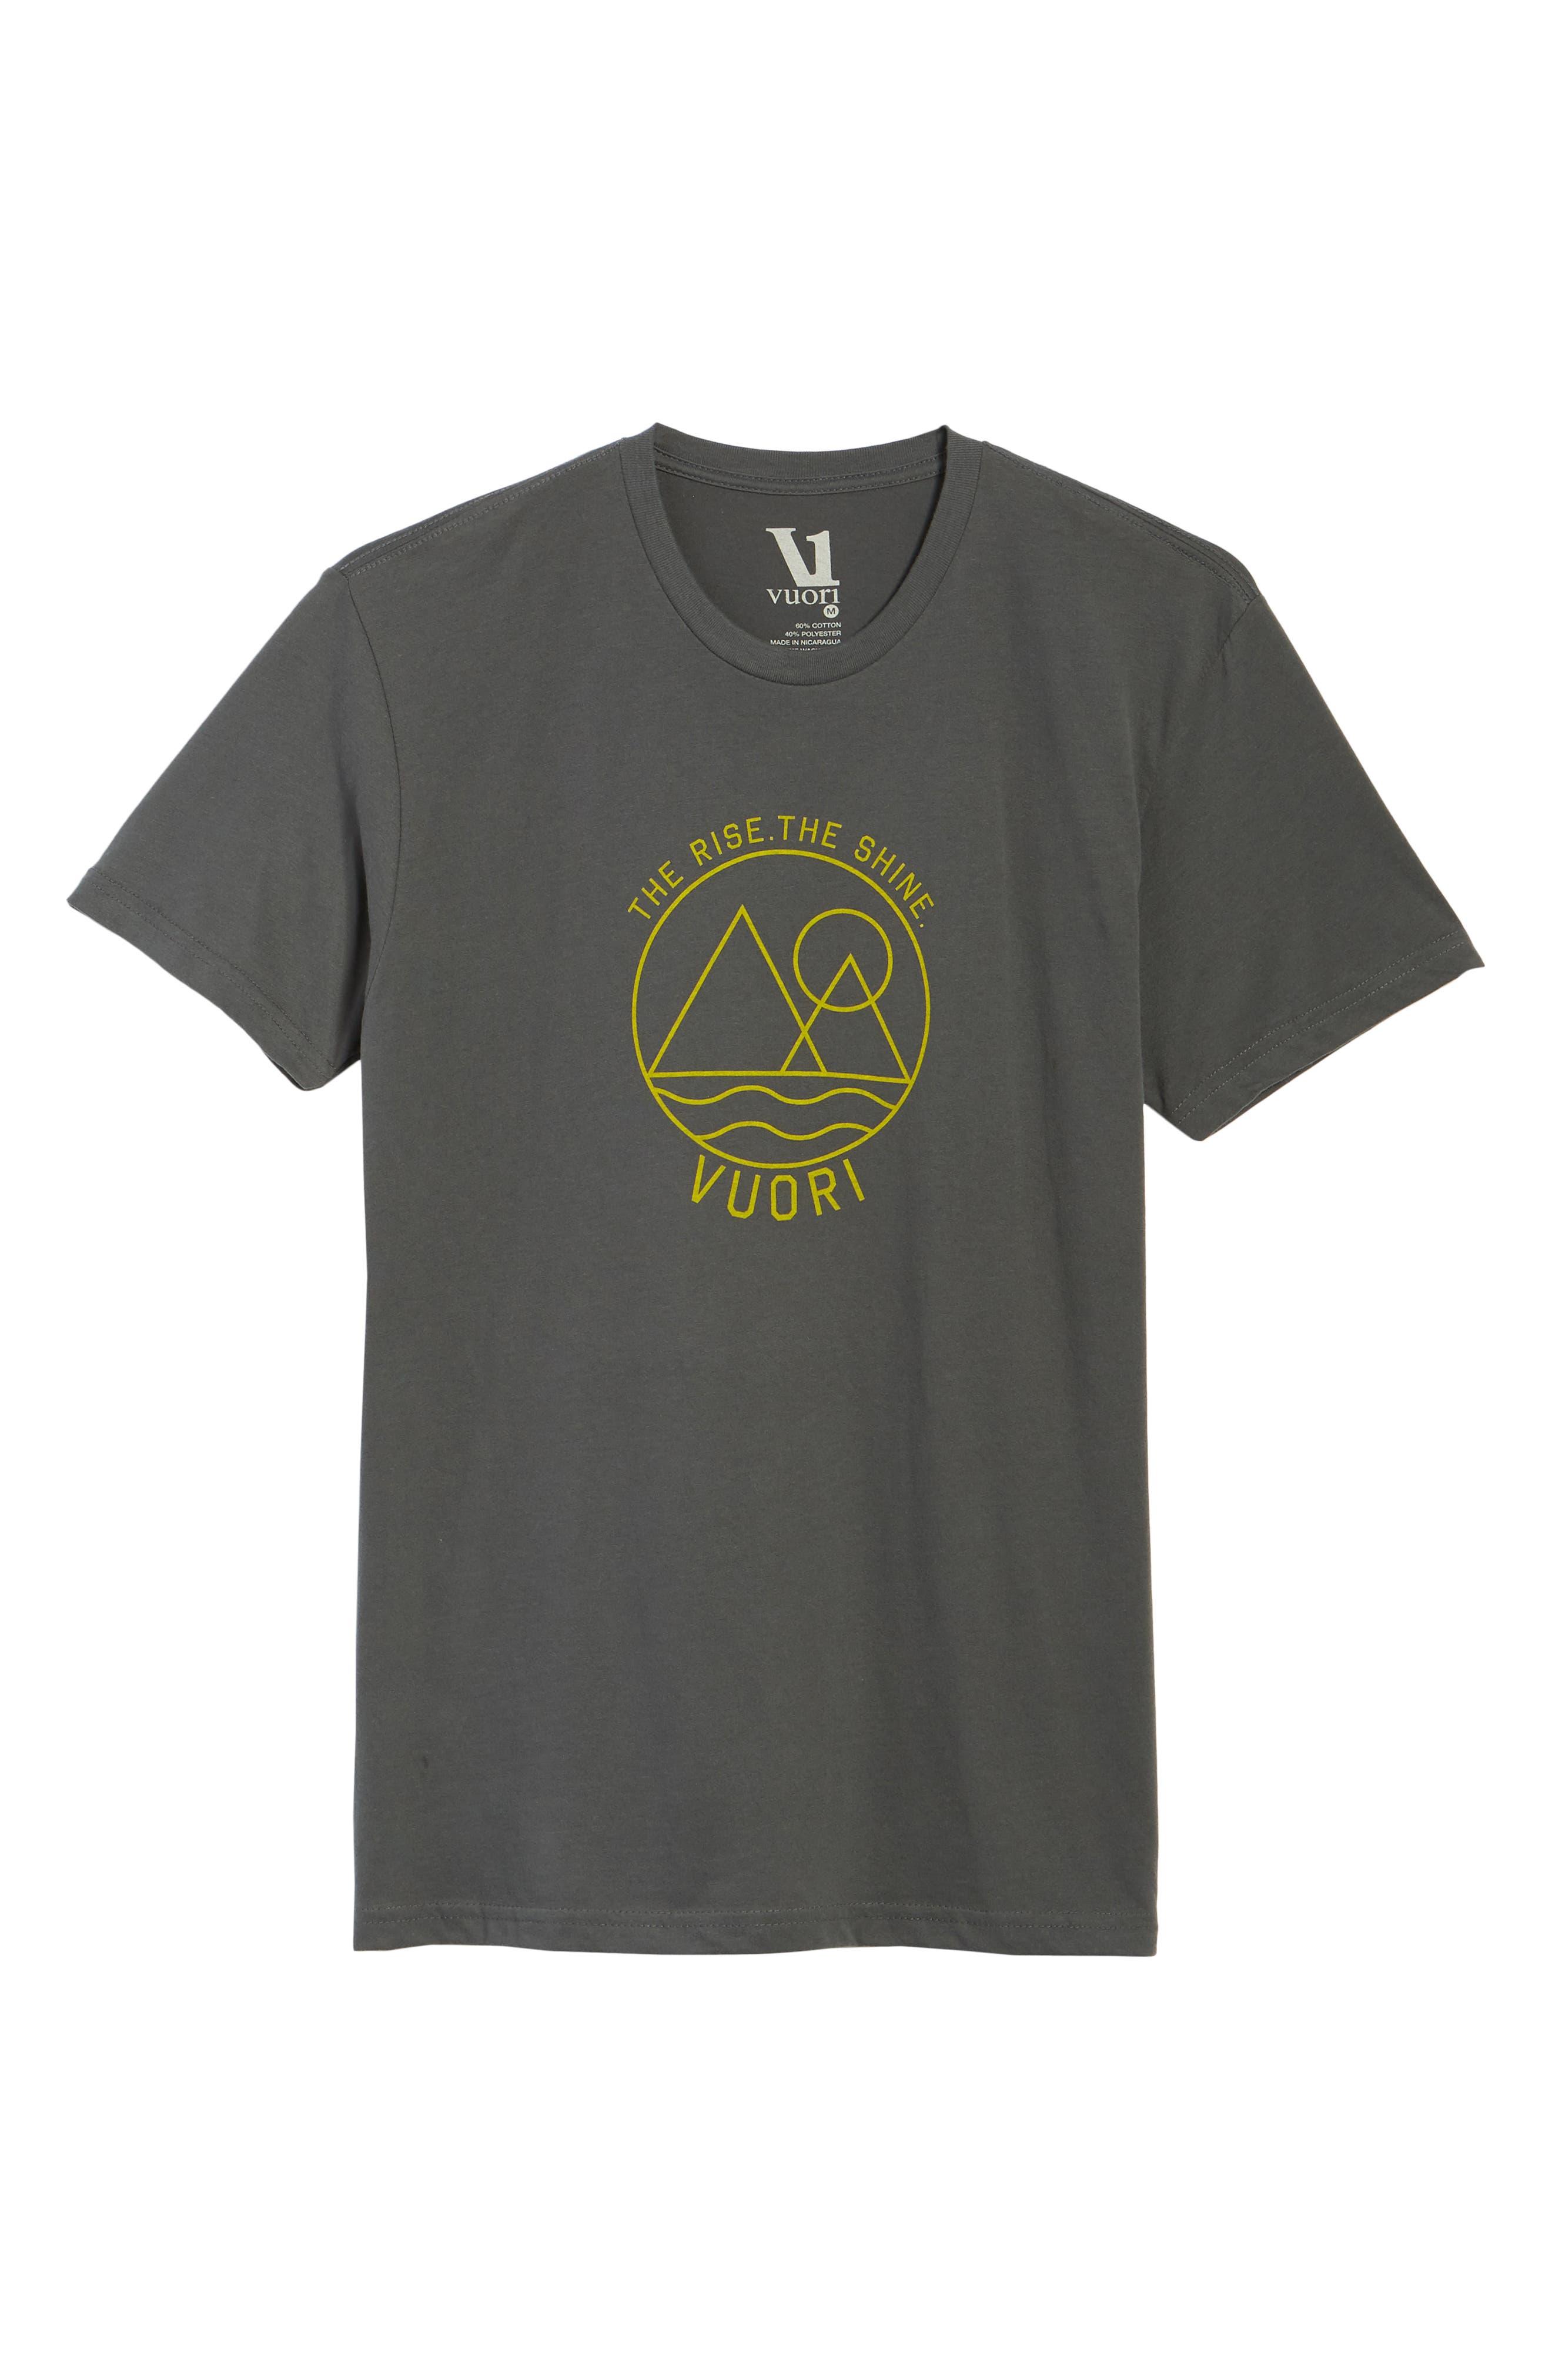 VUORI, The Rise The Shine Graphic T-Shirt, Alternate thumbnail 6, color, CHARCOAL